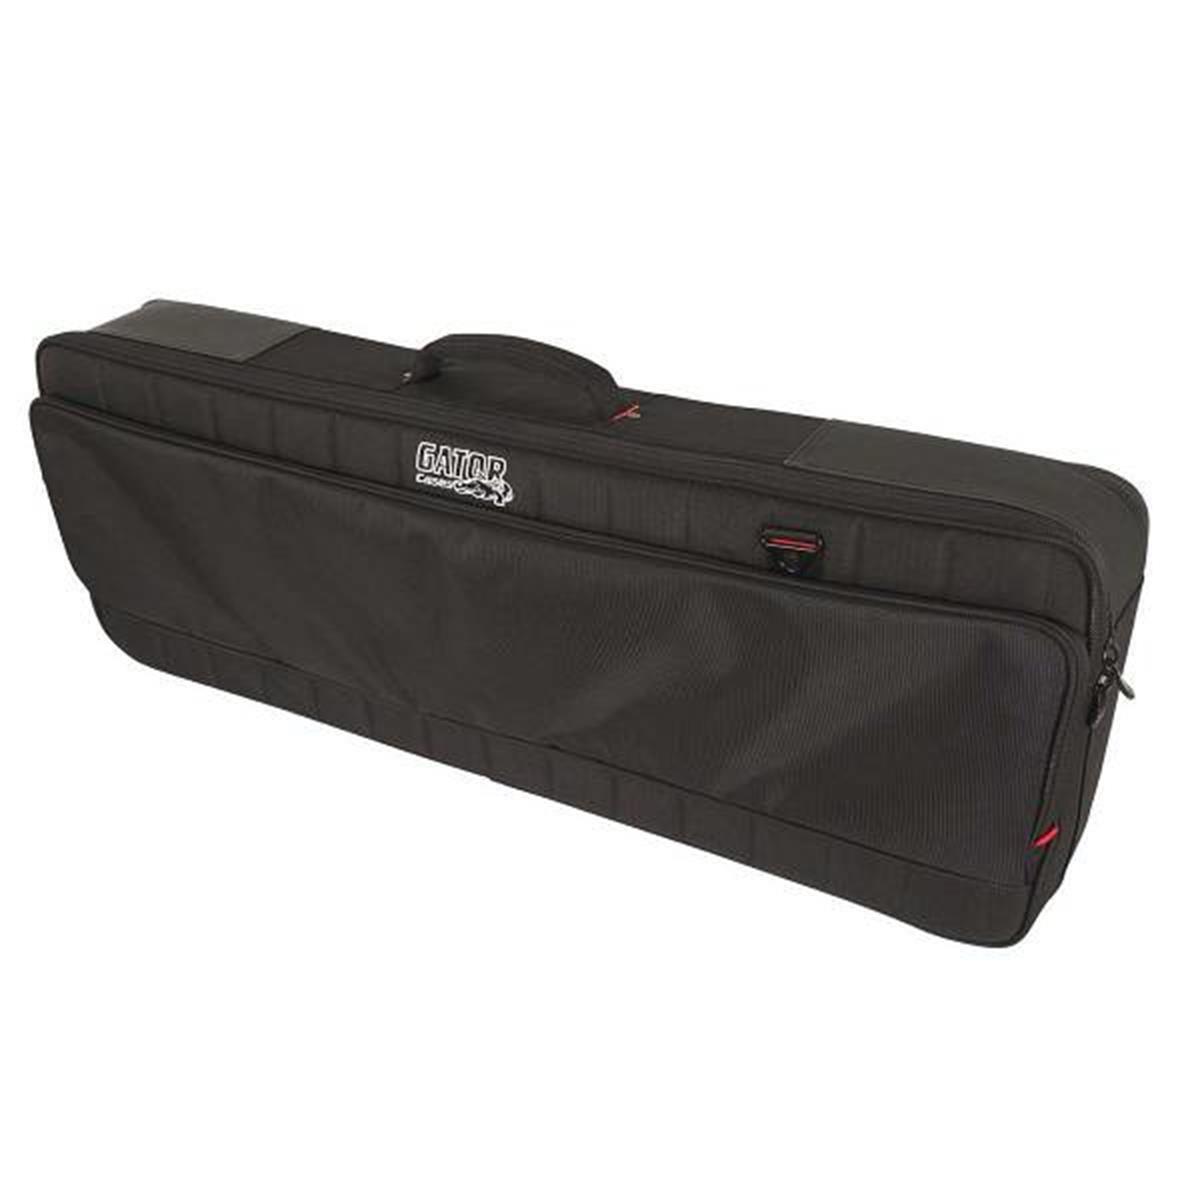 Gator-Cases-G-PG-88SLIM-borsa-semi-rigida-slim-per-tastiera-88-tasti-sku-2758739433009